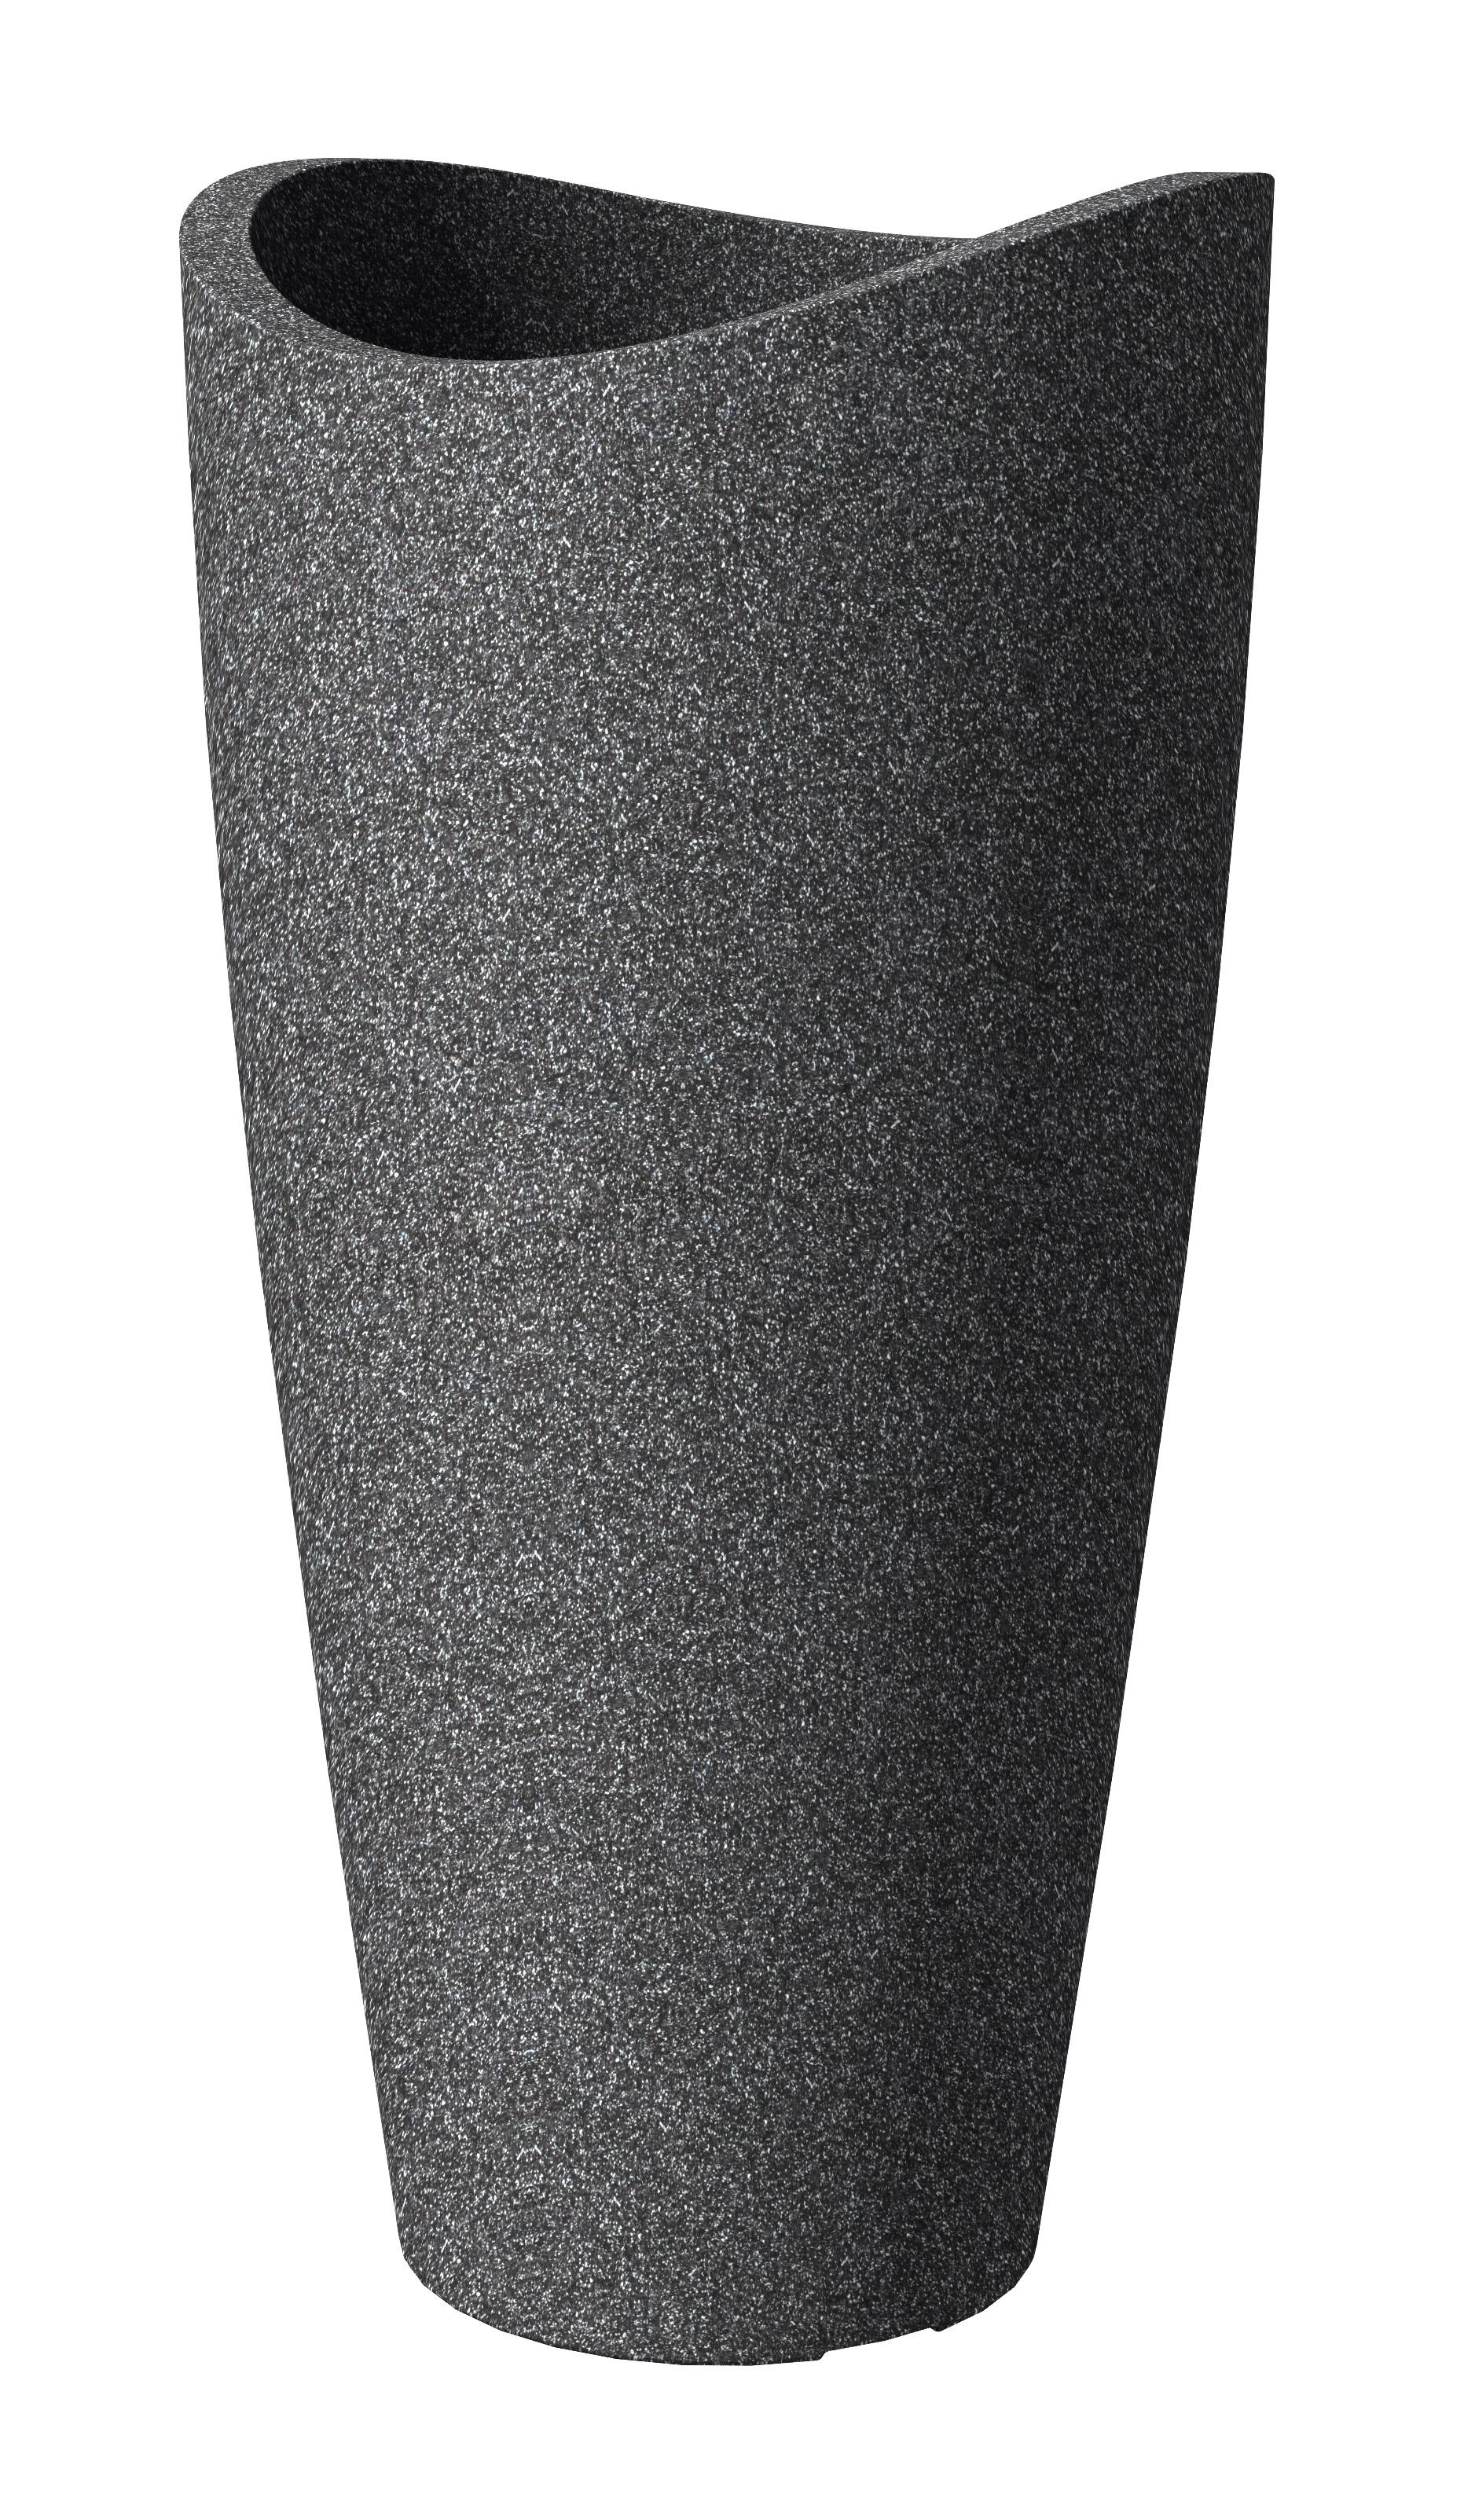 """Scheurich""""Wave Globe Slim 39,5x39,5x80 cm schwarz granit D/S.48"""""""